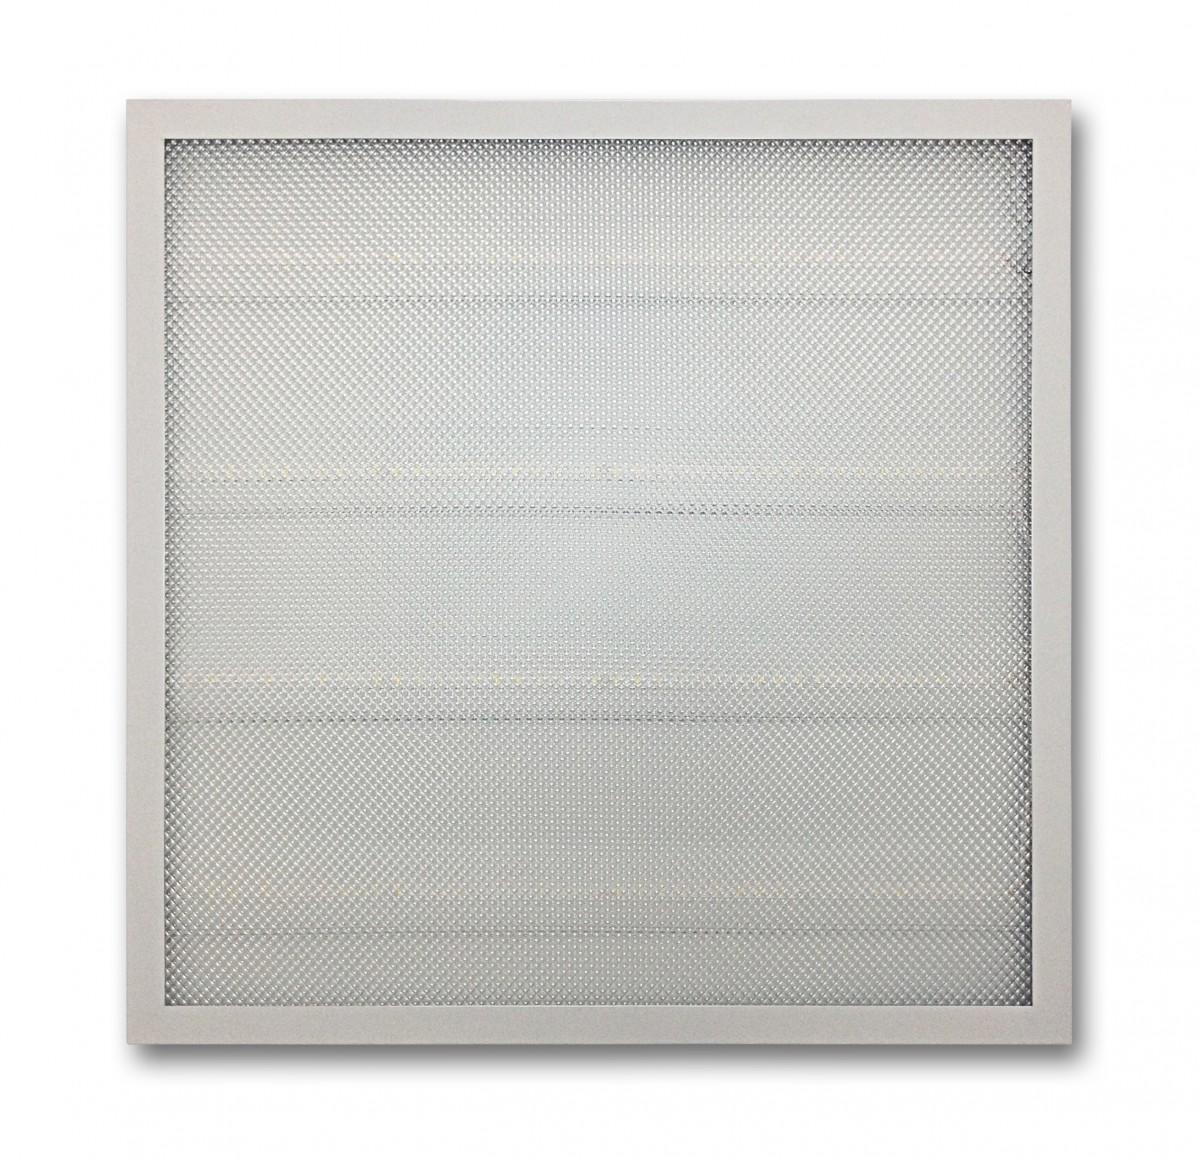 LEDEXO-SD-60-600 панель светдиодная